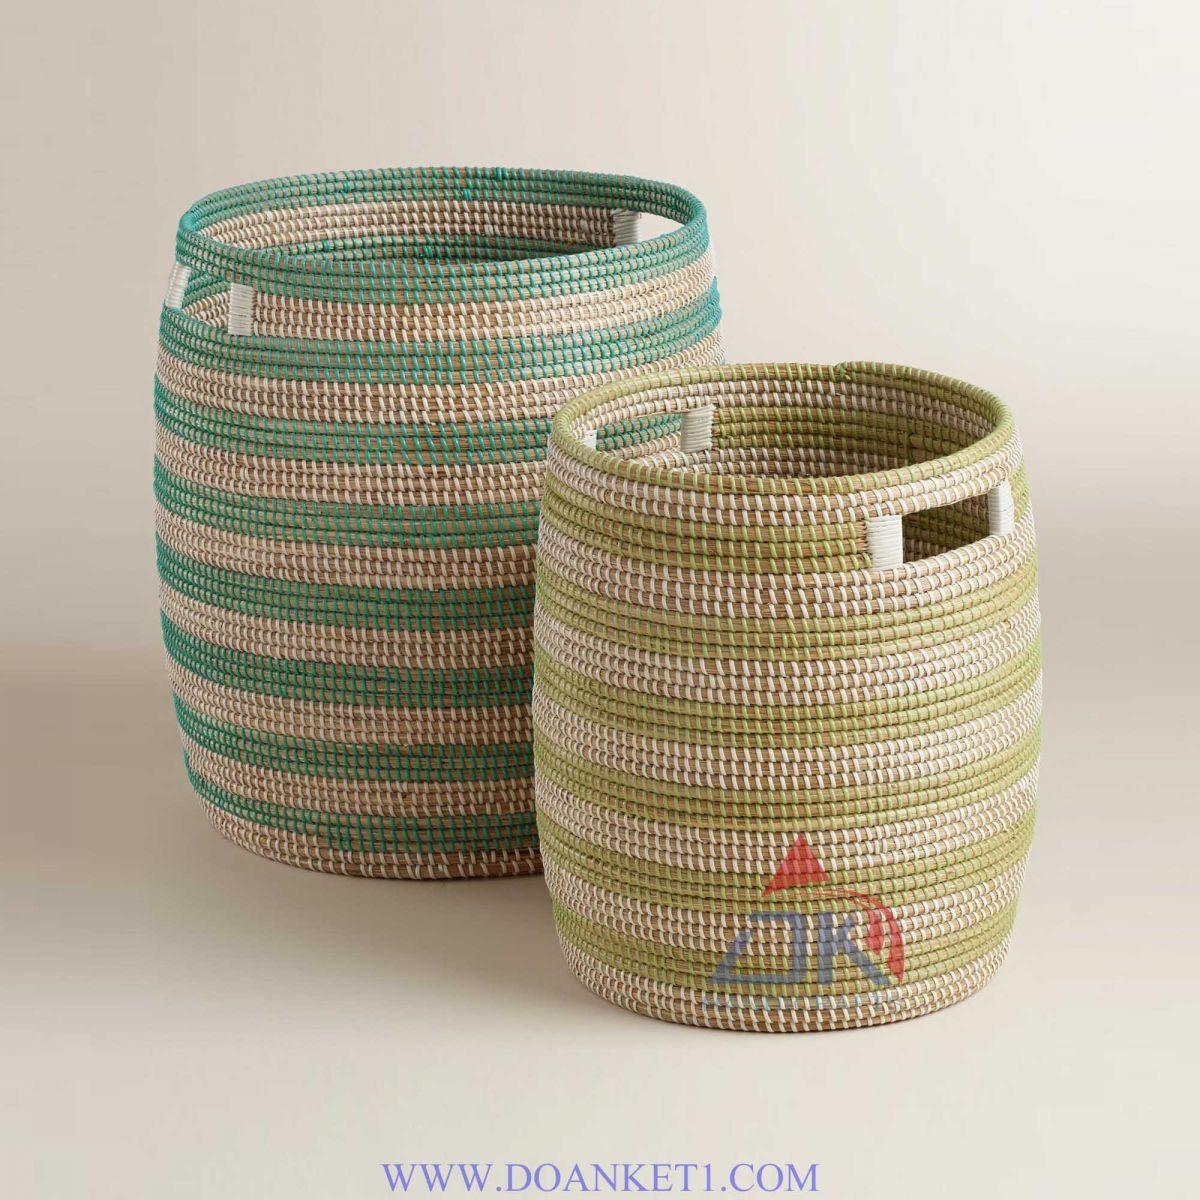 Seagrass Basket # DK184